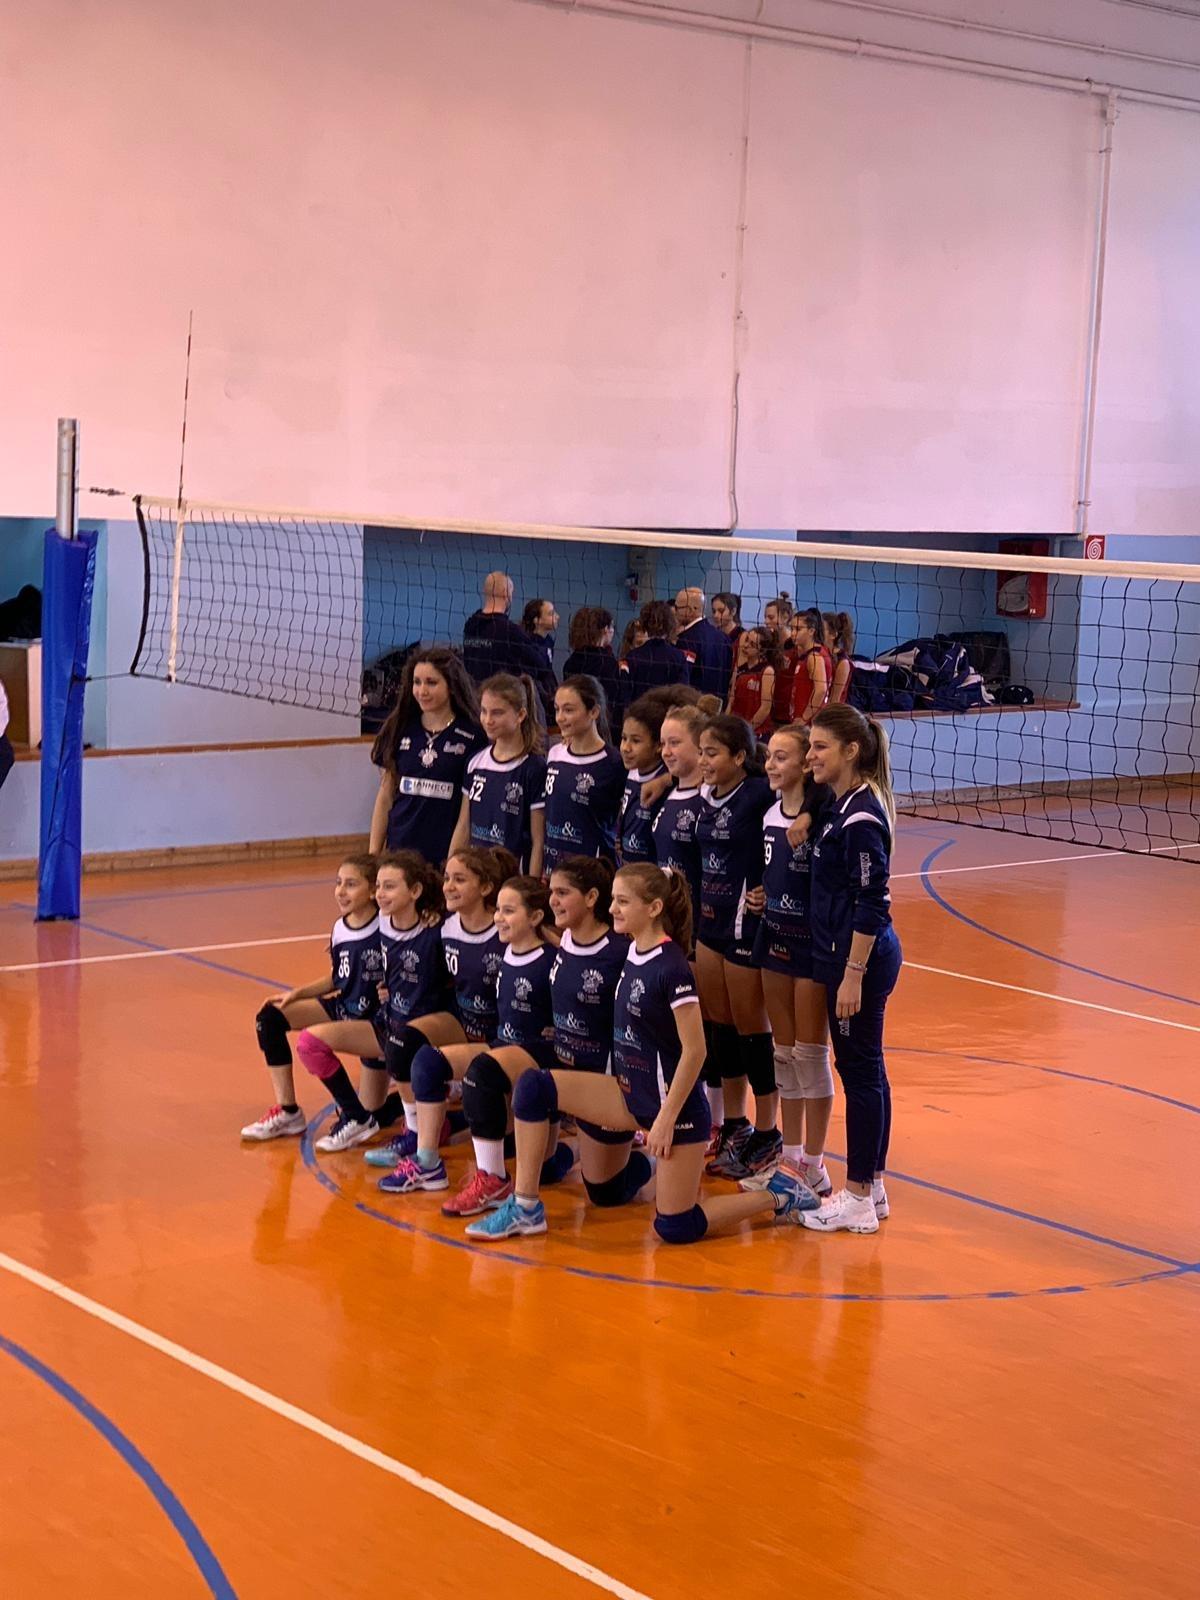 2019-01-05-U12-Alassio-005